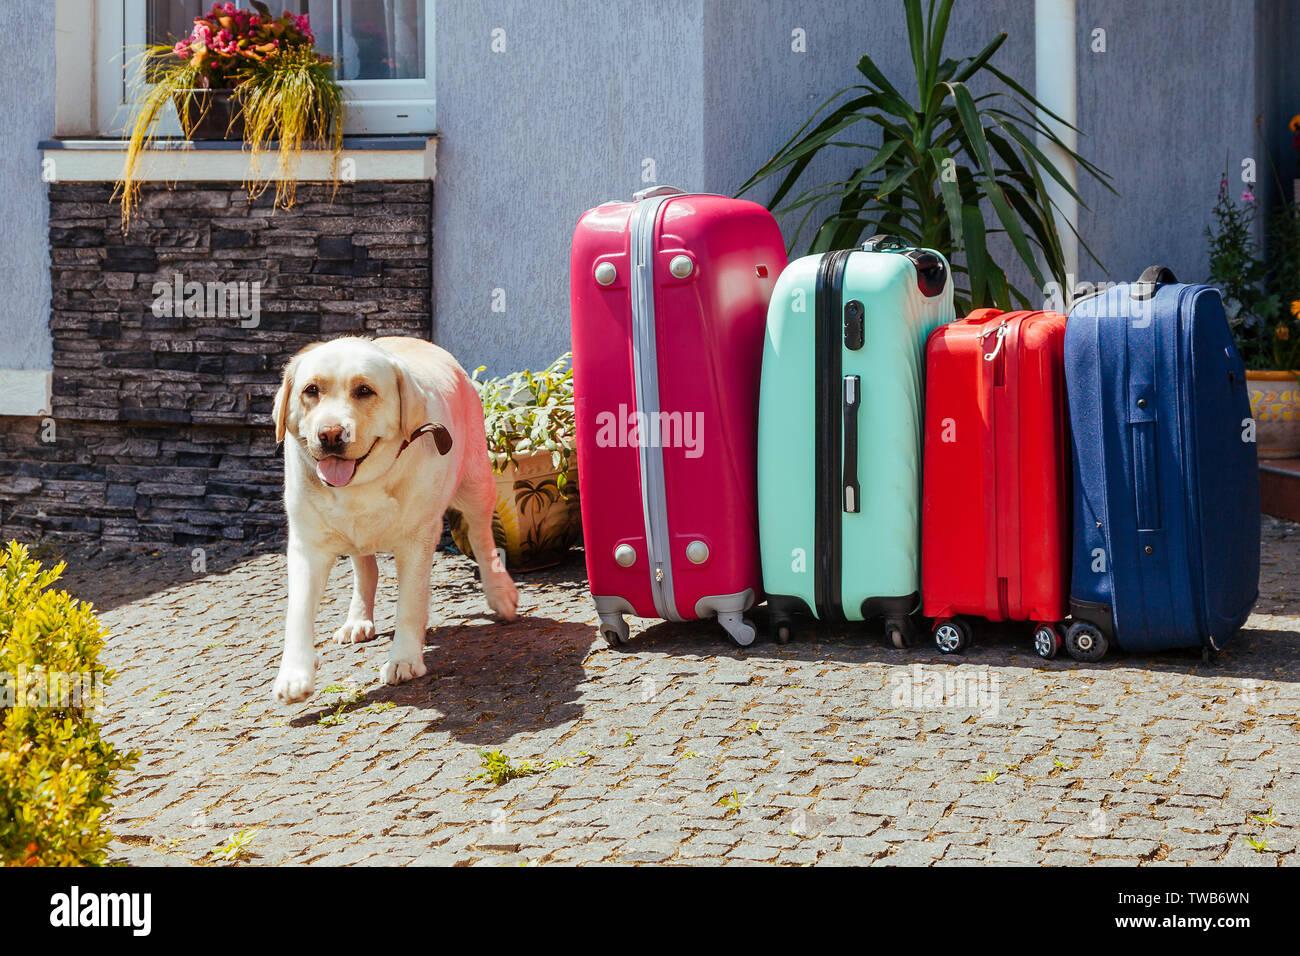 Suitcase Dog Stock Photos & Suitcase Dog Stock Images - Alamy